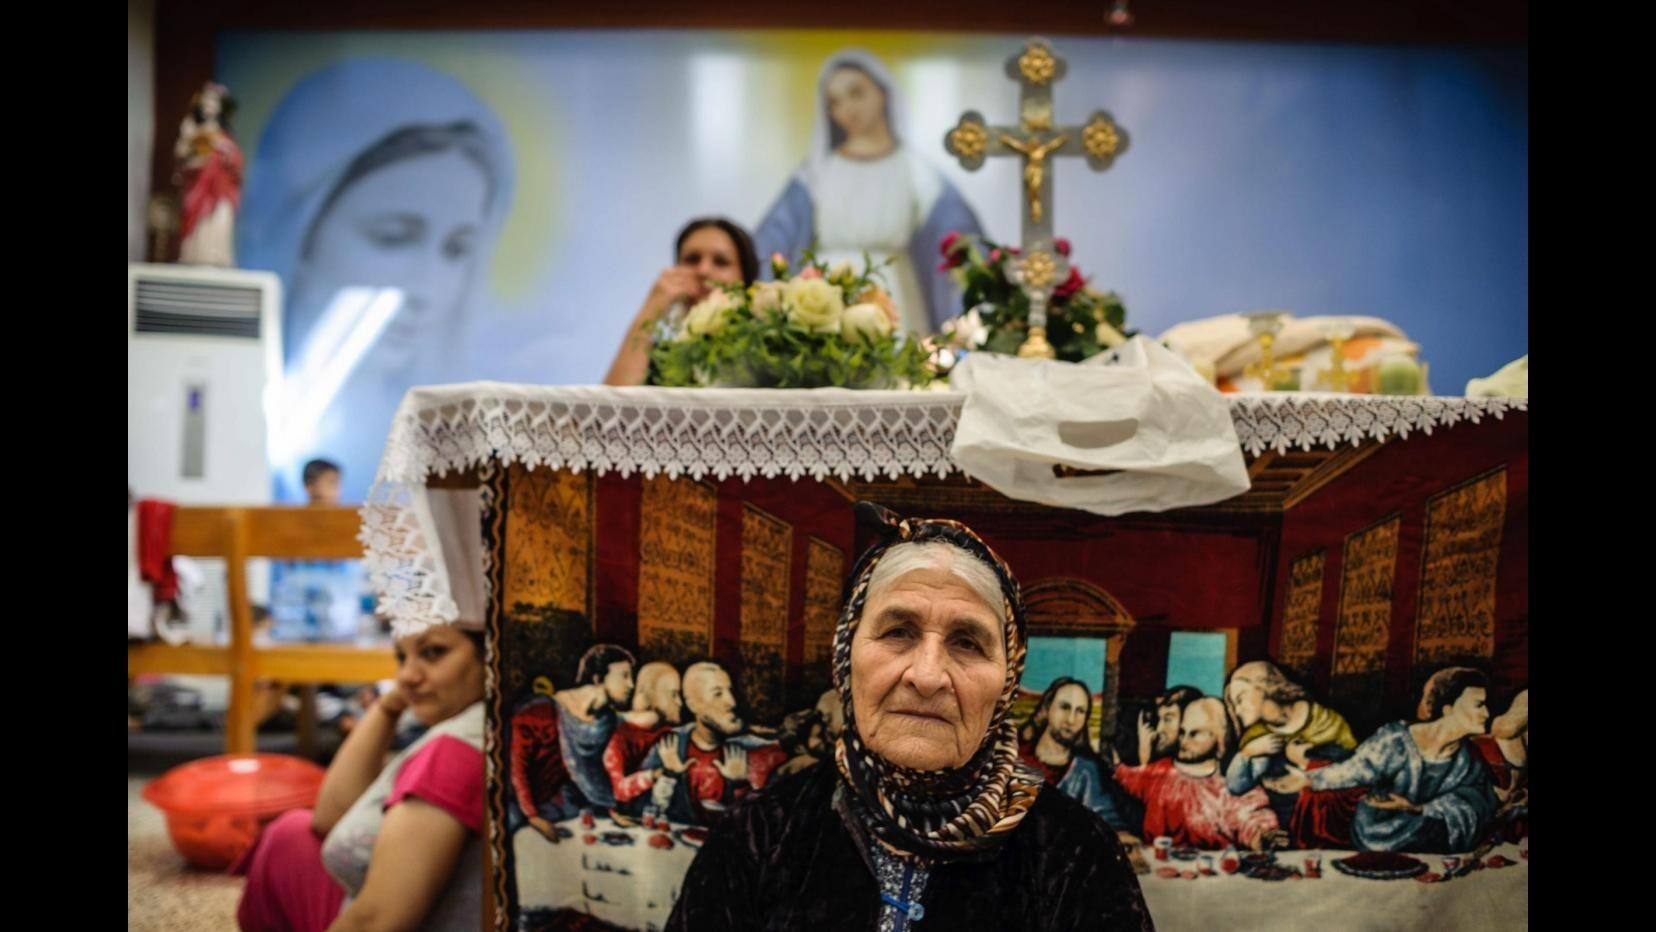 Natale, patriarca Baghdad: Celebriamo in silenzio e tra le lacrime